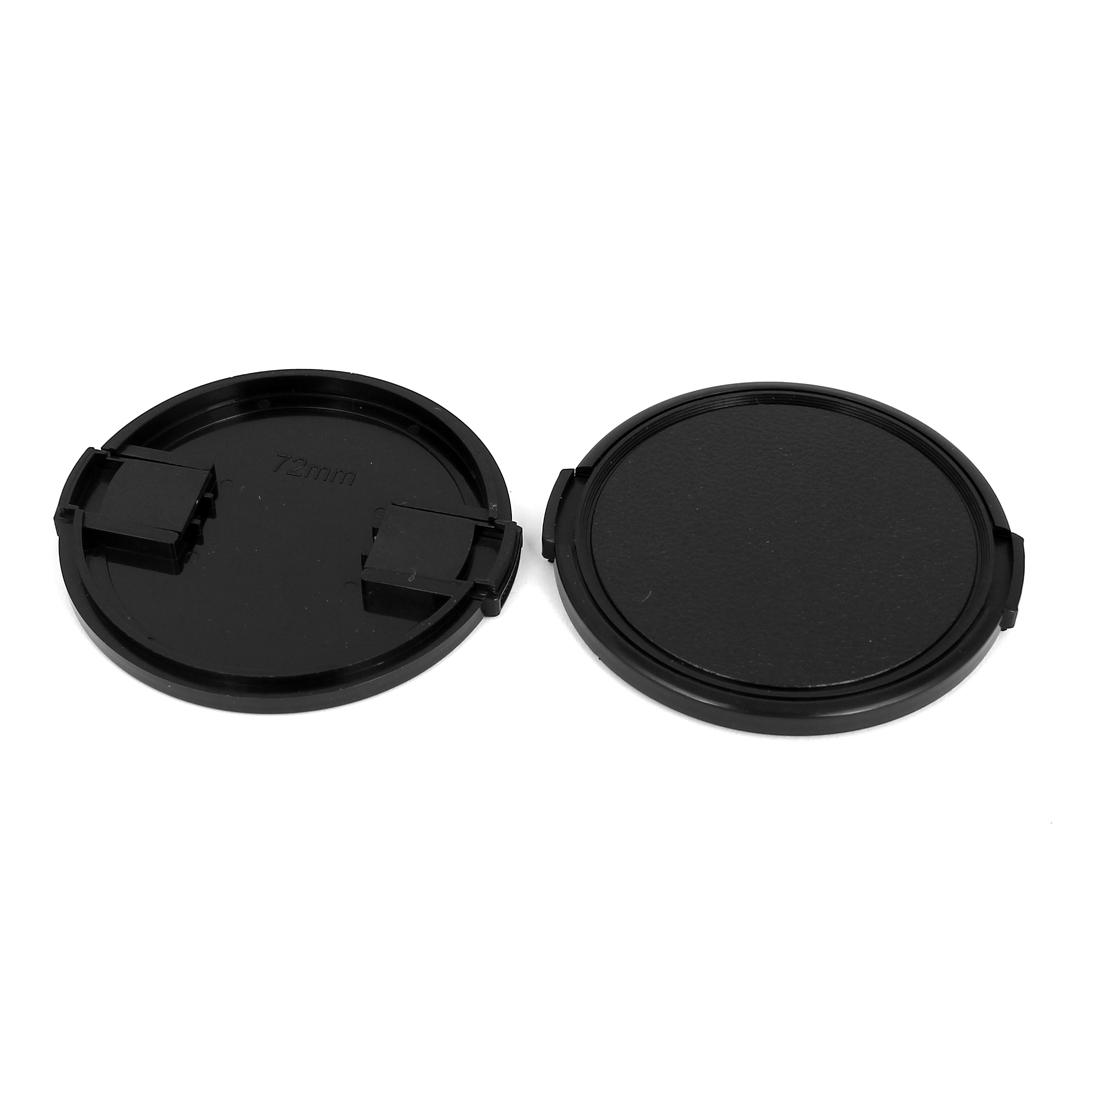 72mm Dia Vintage Style Plastic Front Snap Digital Camera Lens Cap Protector 2Pcs